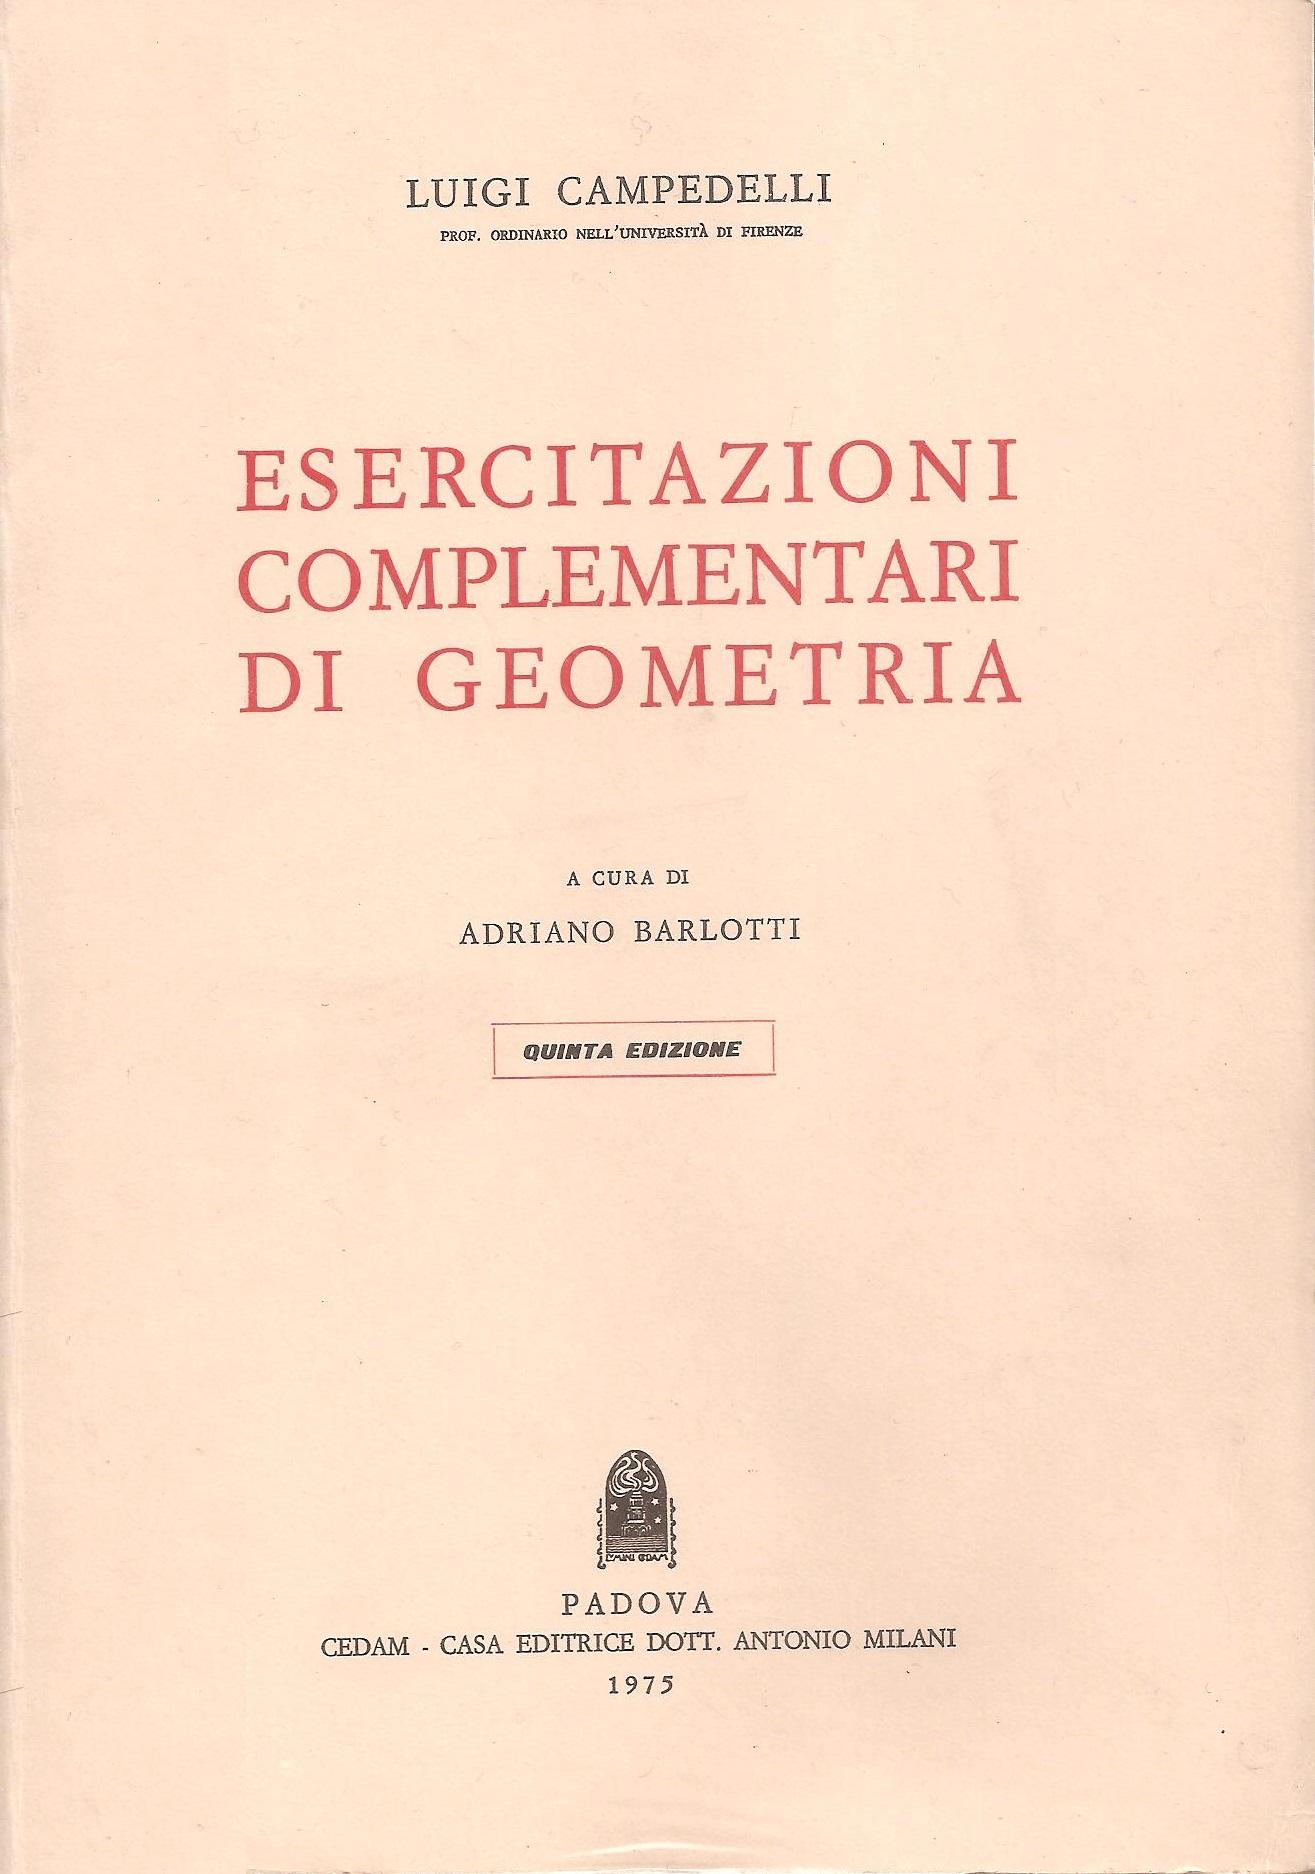 Esercitazioni complementari di geometria